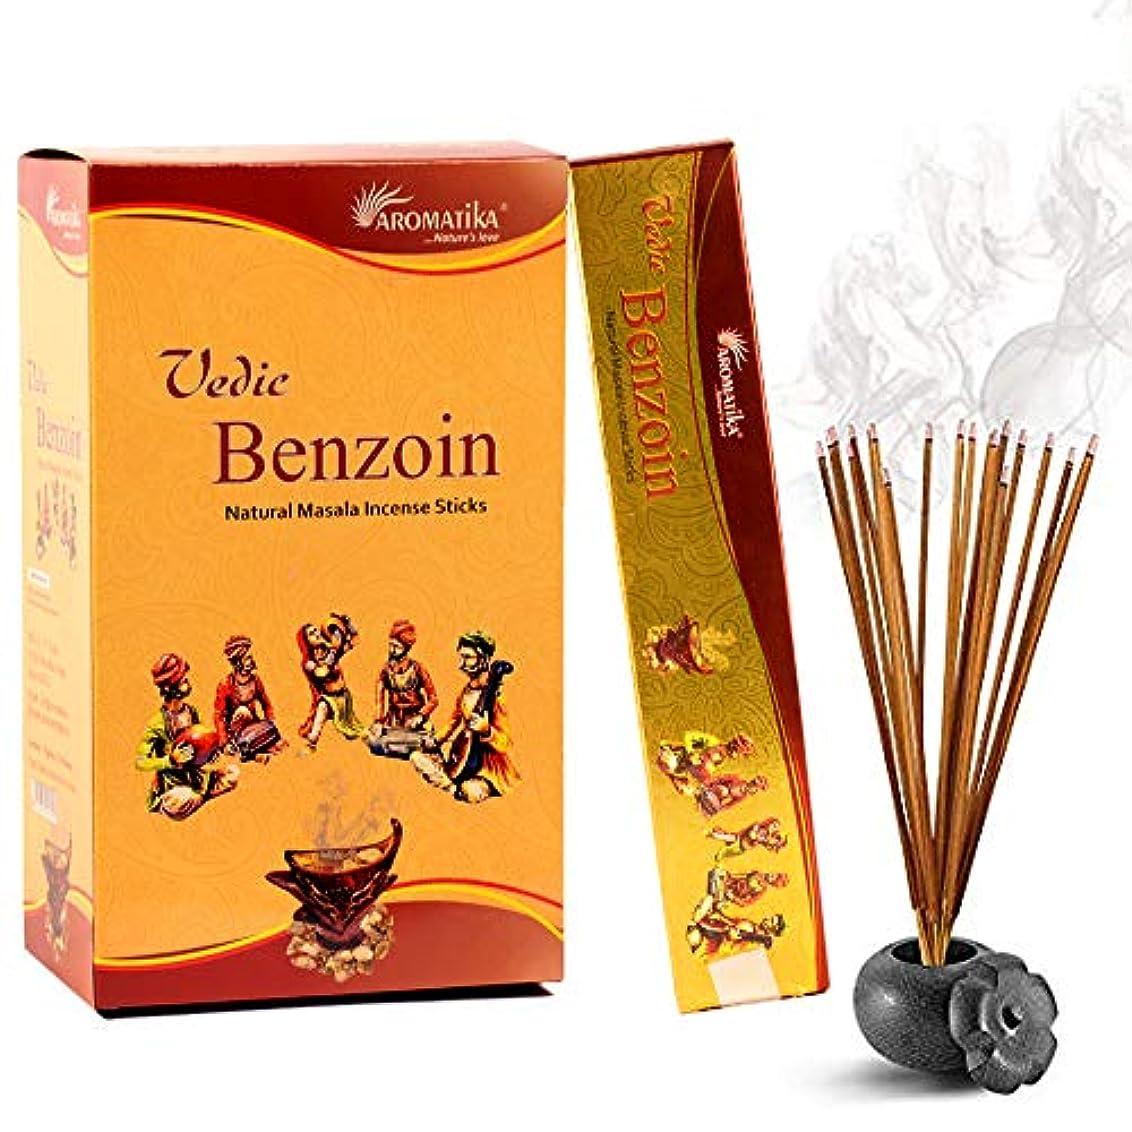 膨らみブレイズ部族aromatika Benzoin 15 gms Masala Incense Sticks Pack of 12